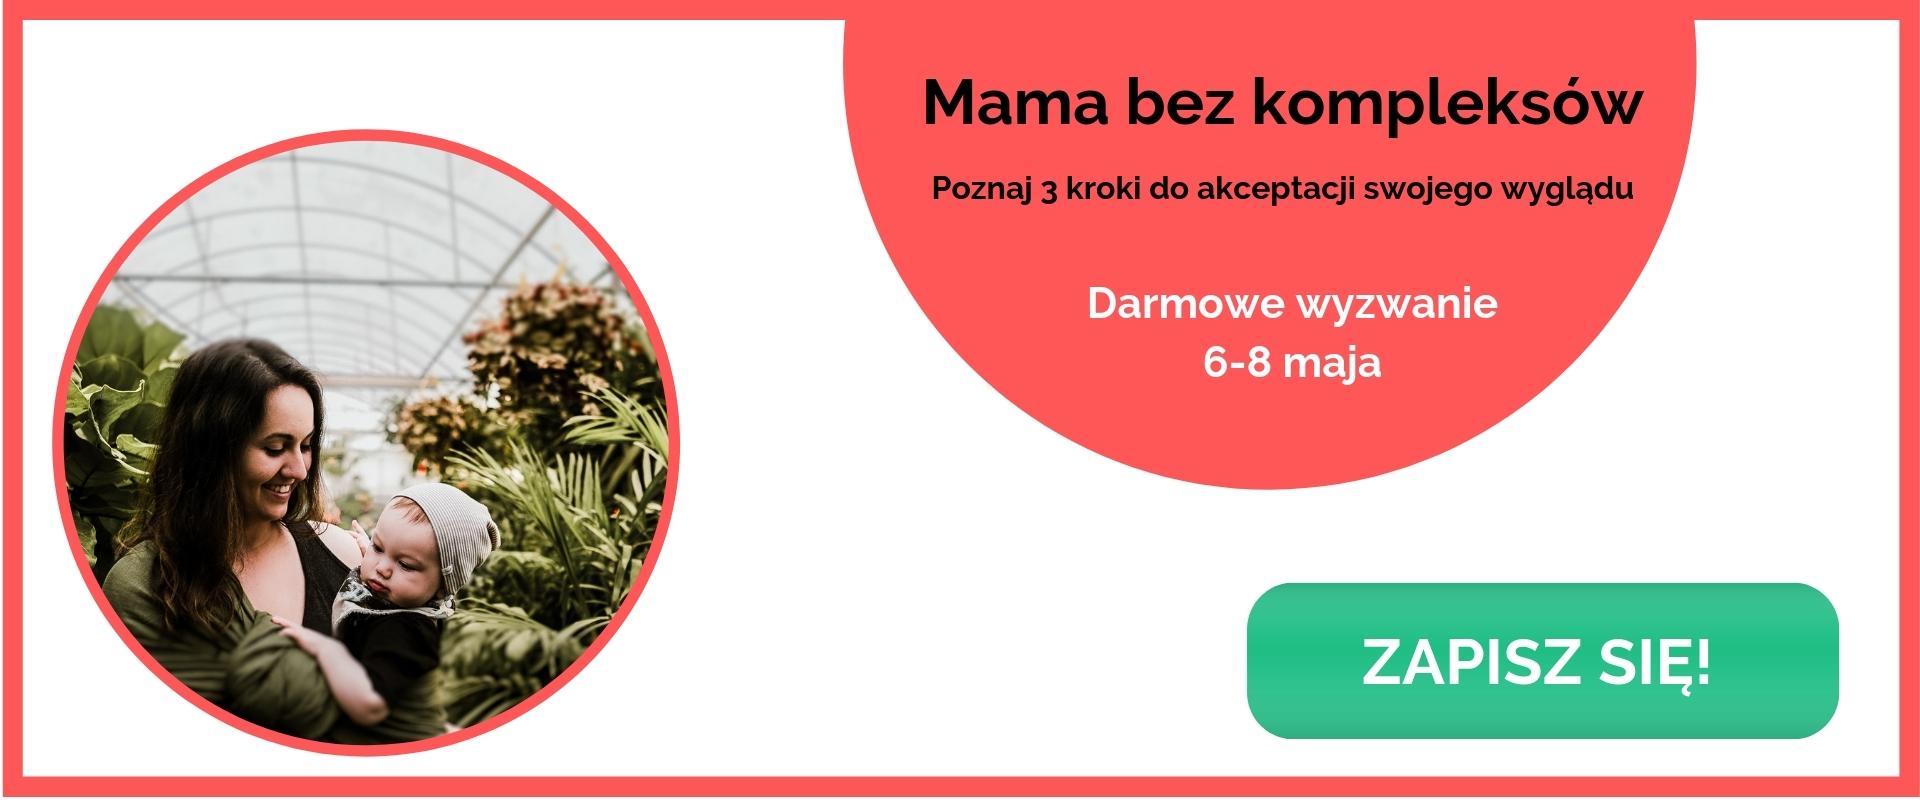 Mama bez kompleksów banner